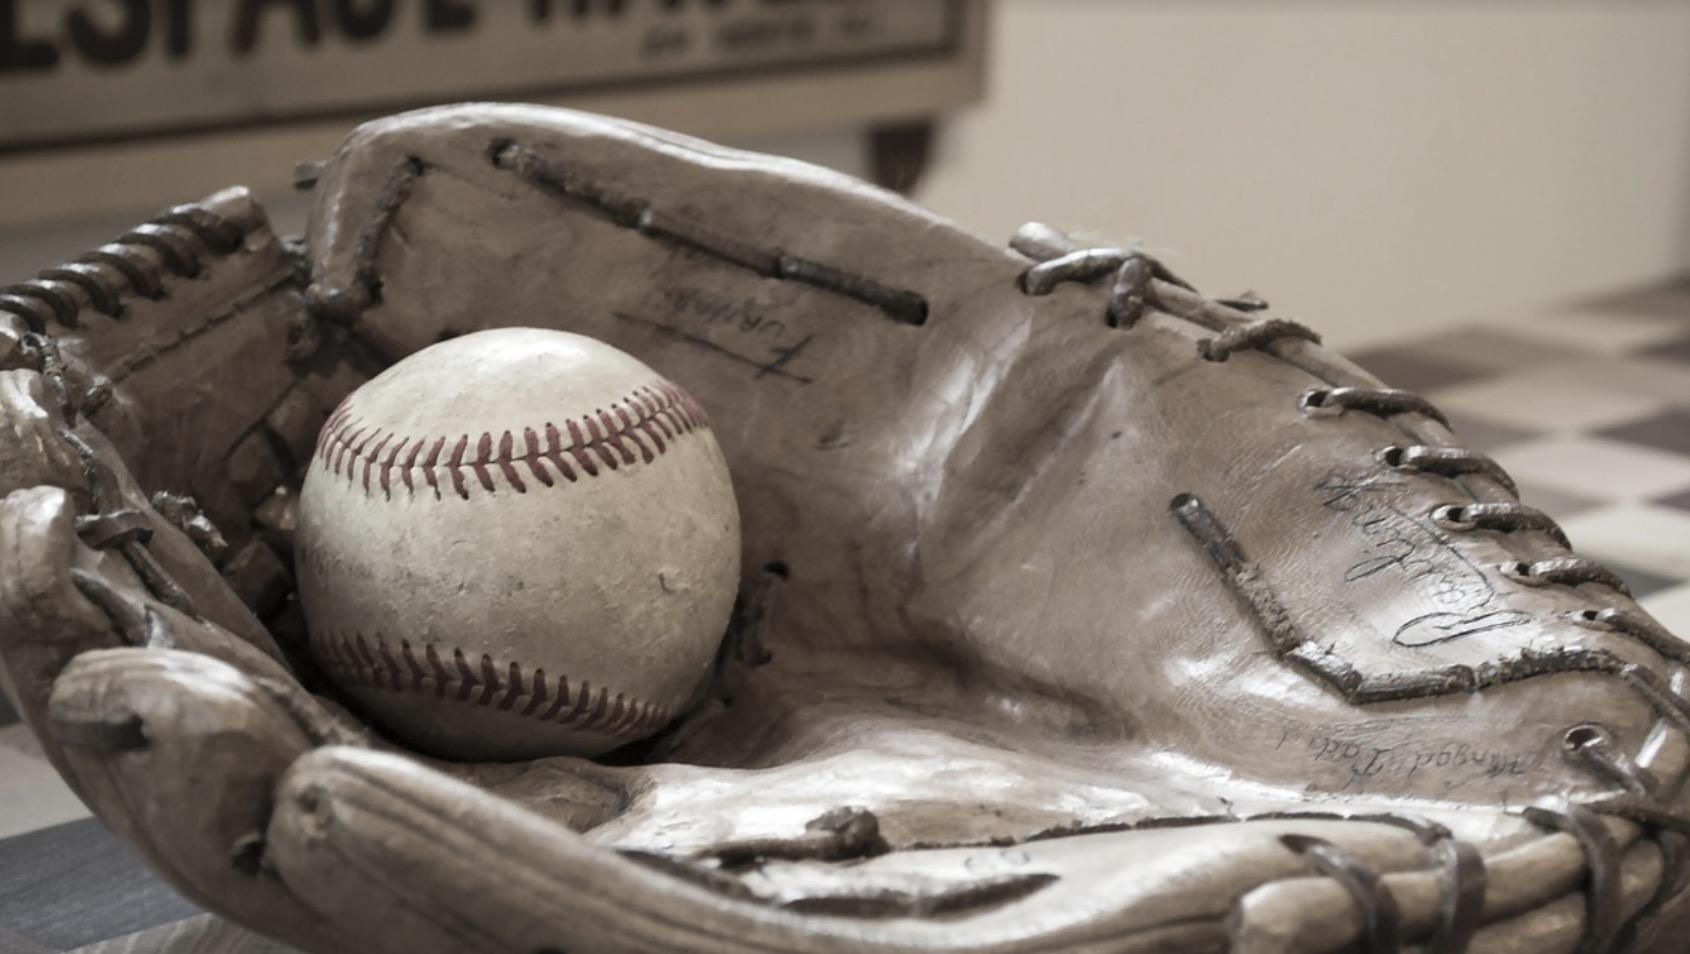 Typy na baseball - 17 grudnia (poniedziałek)